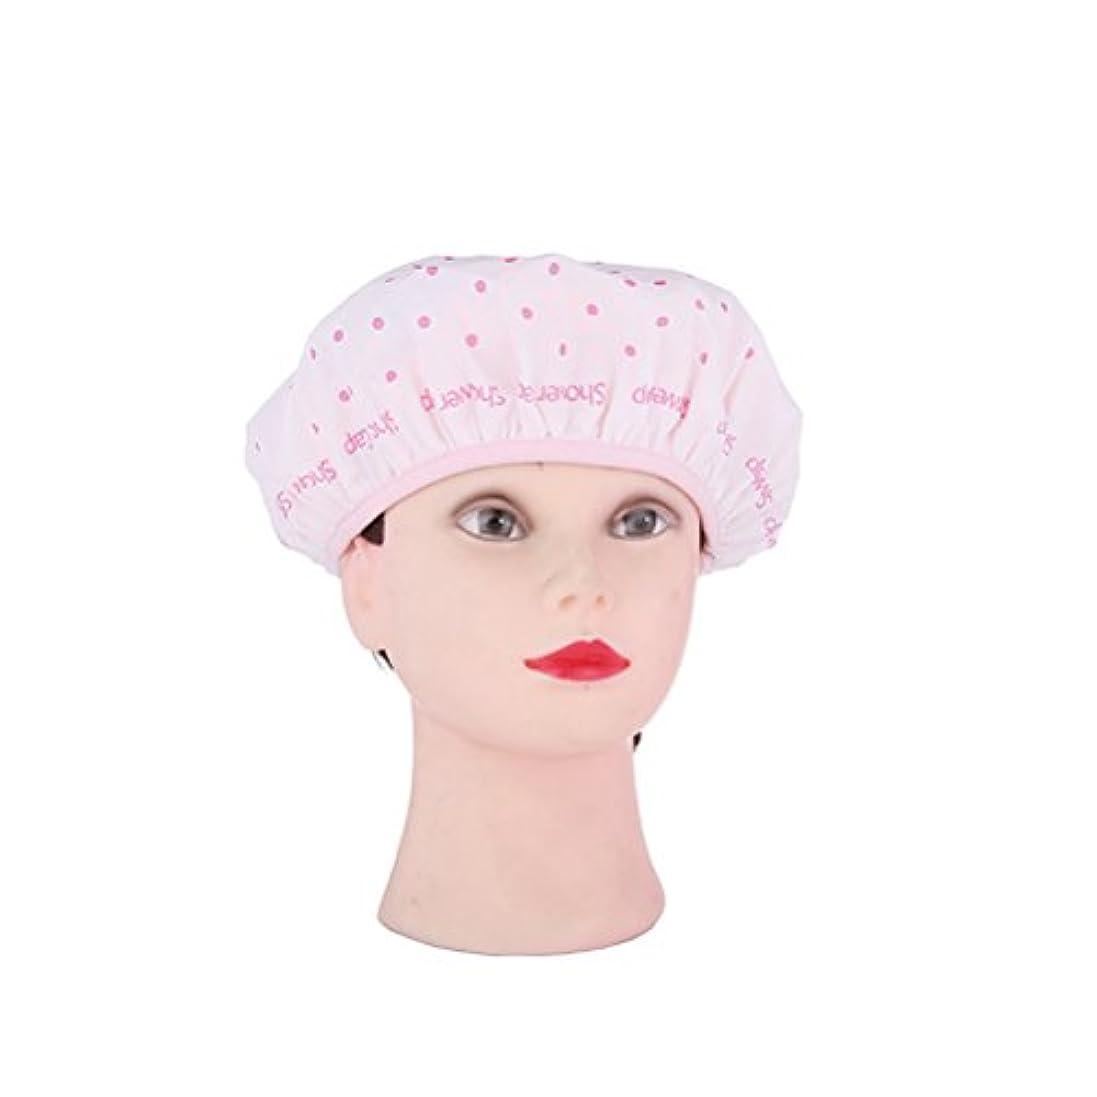 オンス強風若さHEALLILY シャワーの帽子女性の子供のための防水シャワーの帽子のBathのシャワーの毛の帽子